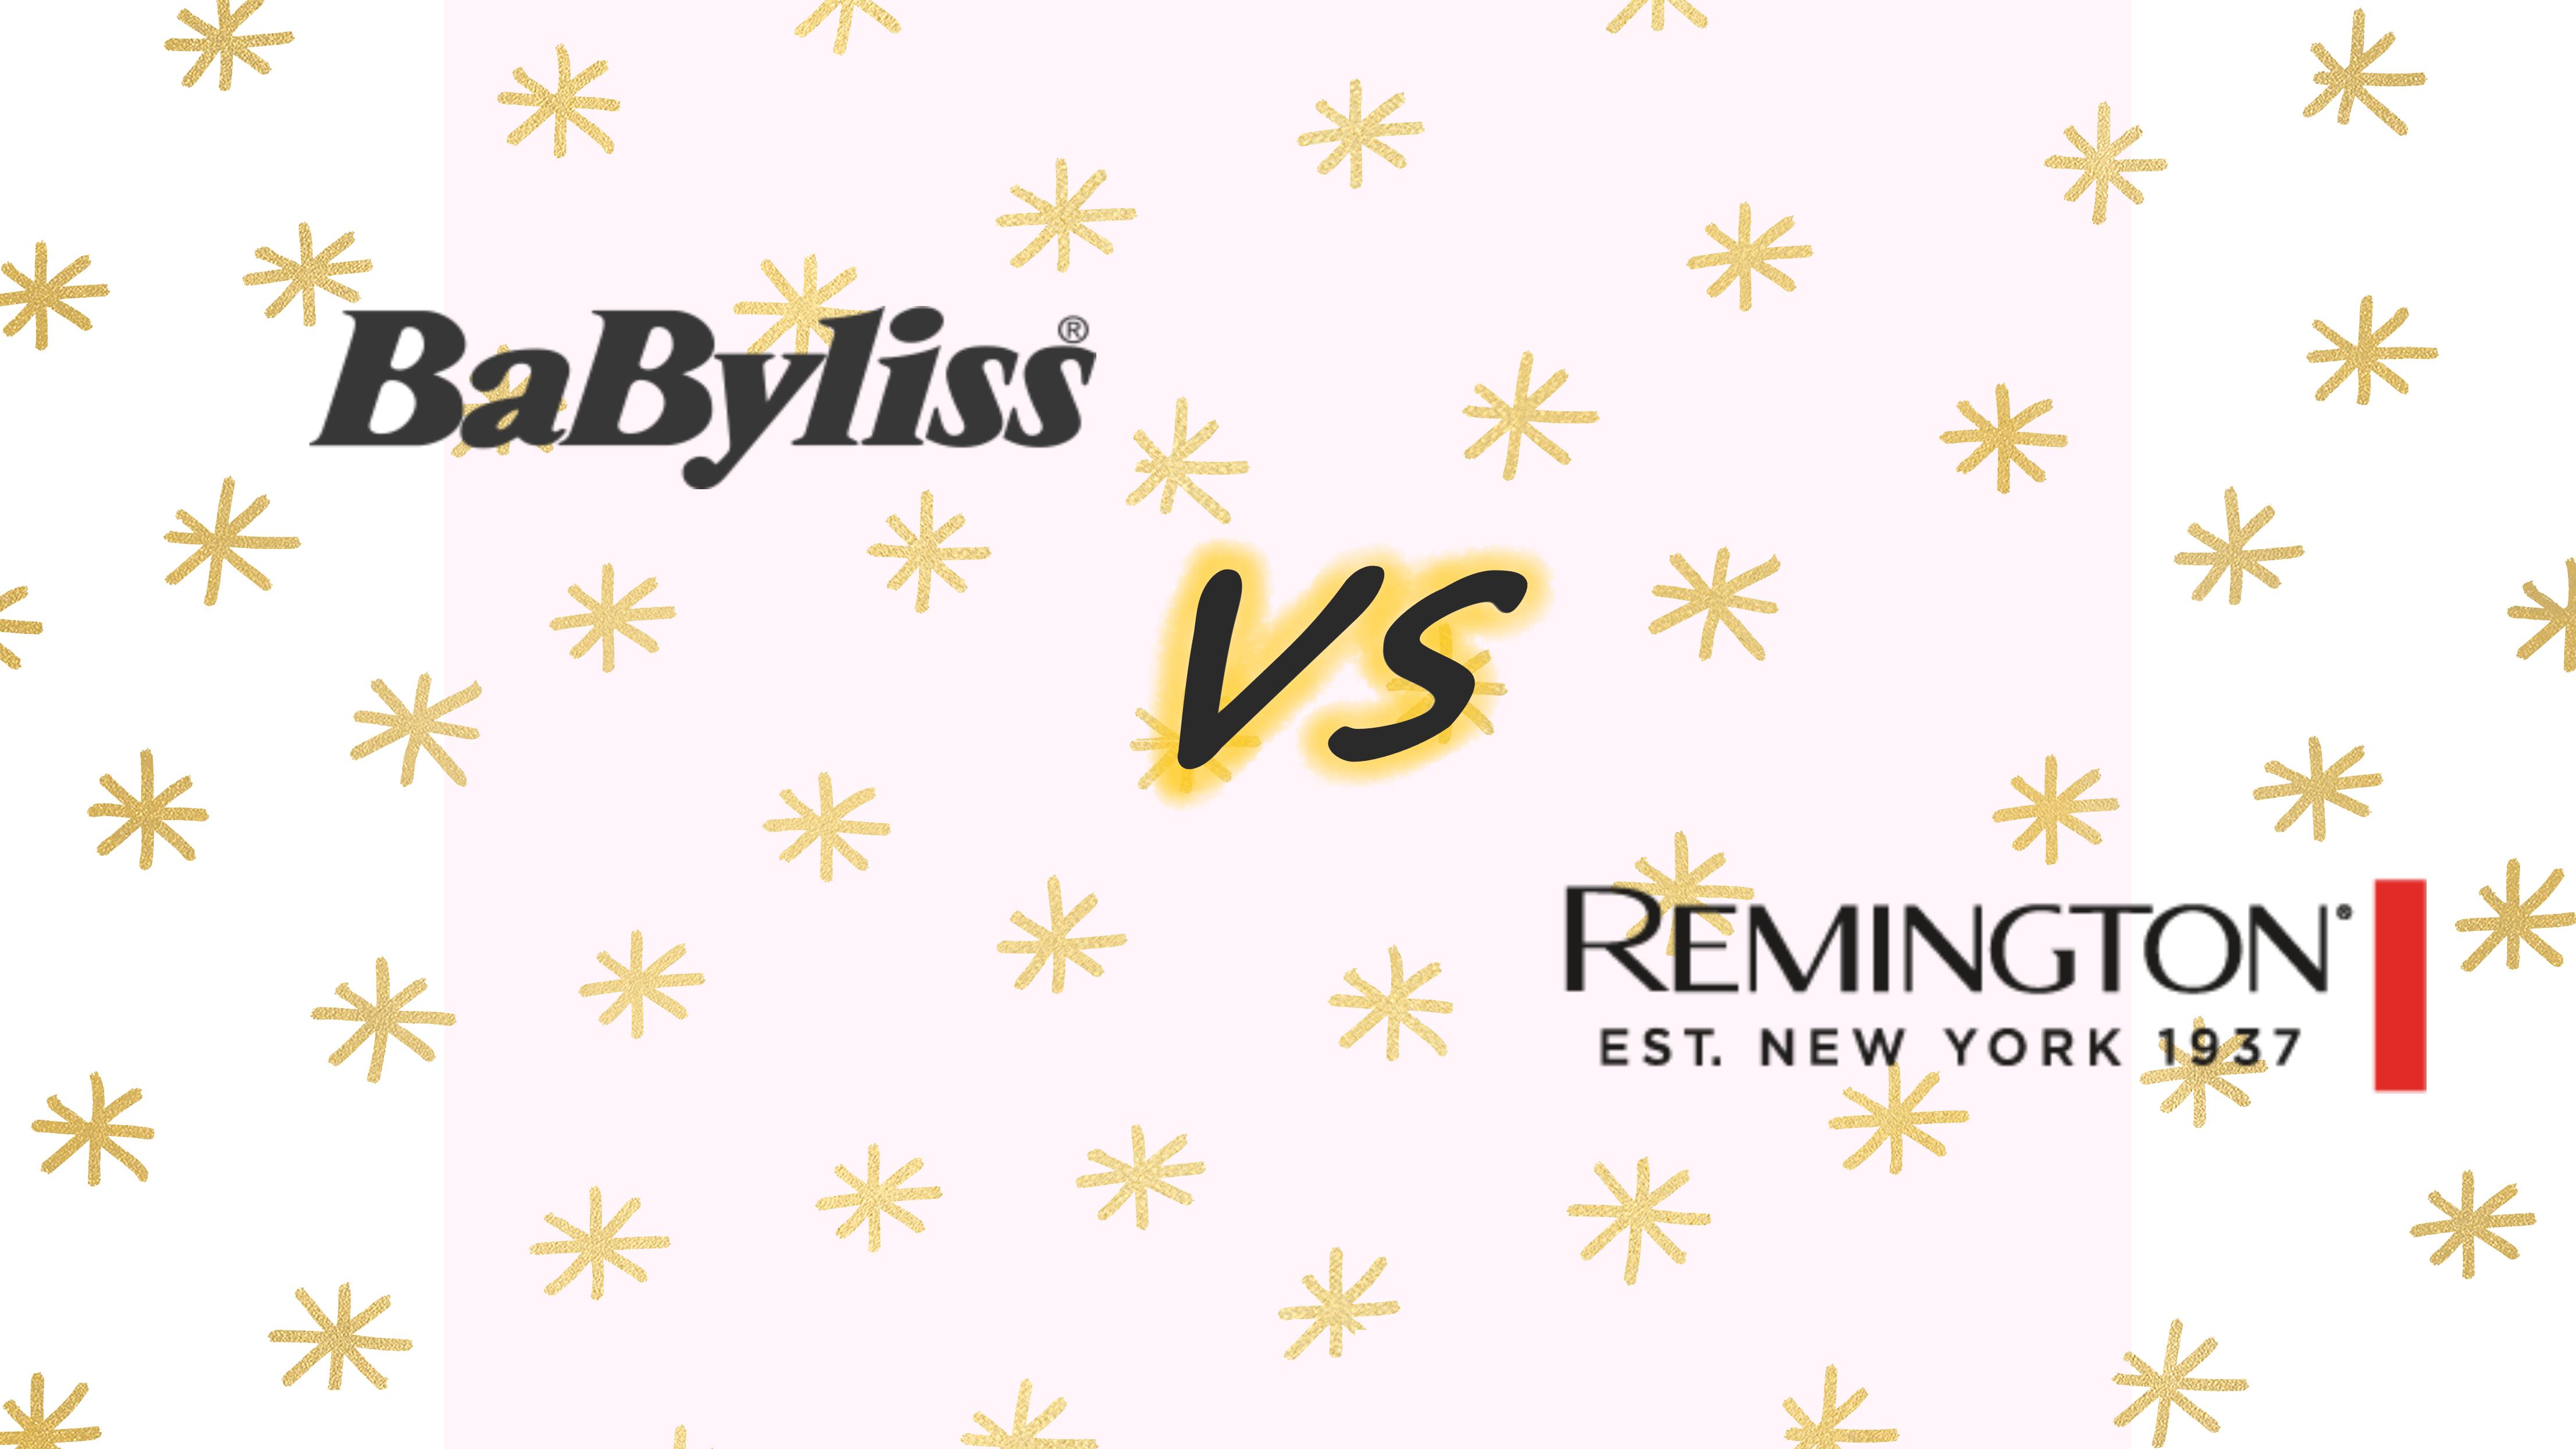 planchas de pelo BaByliss vs. Remington